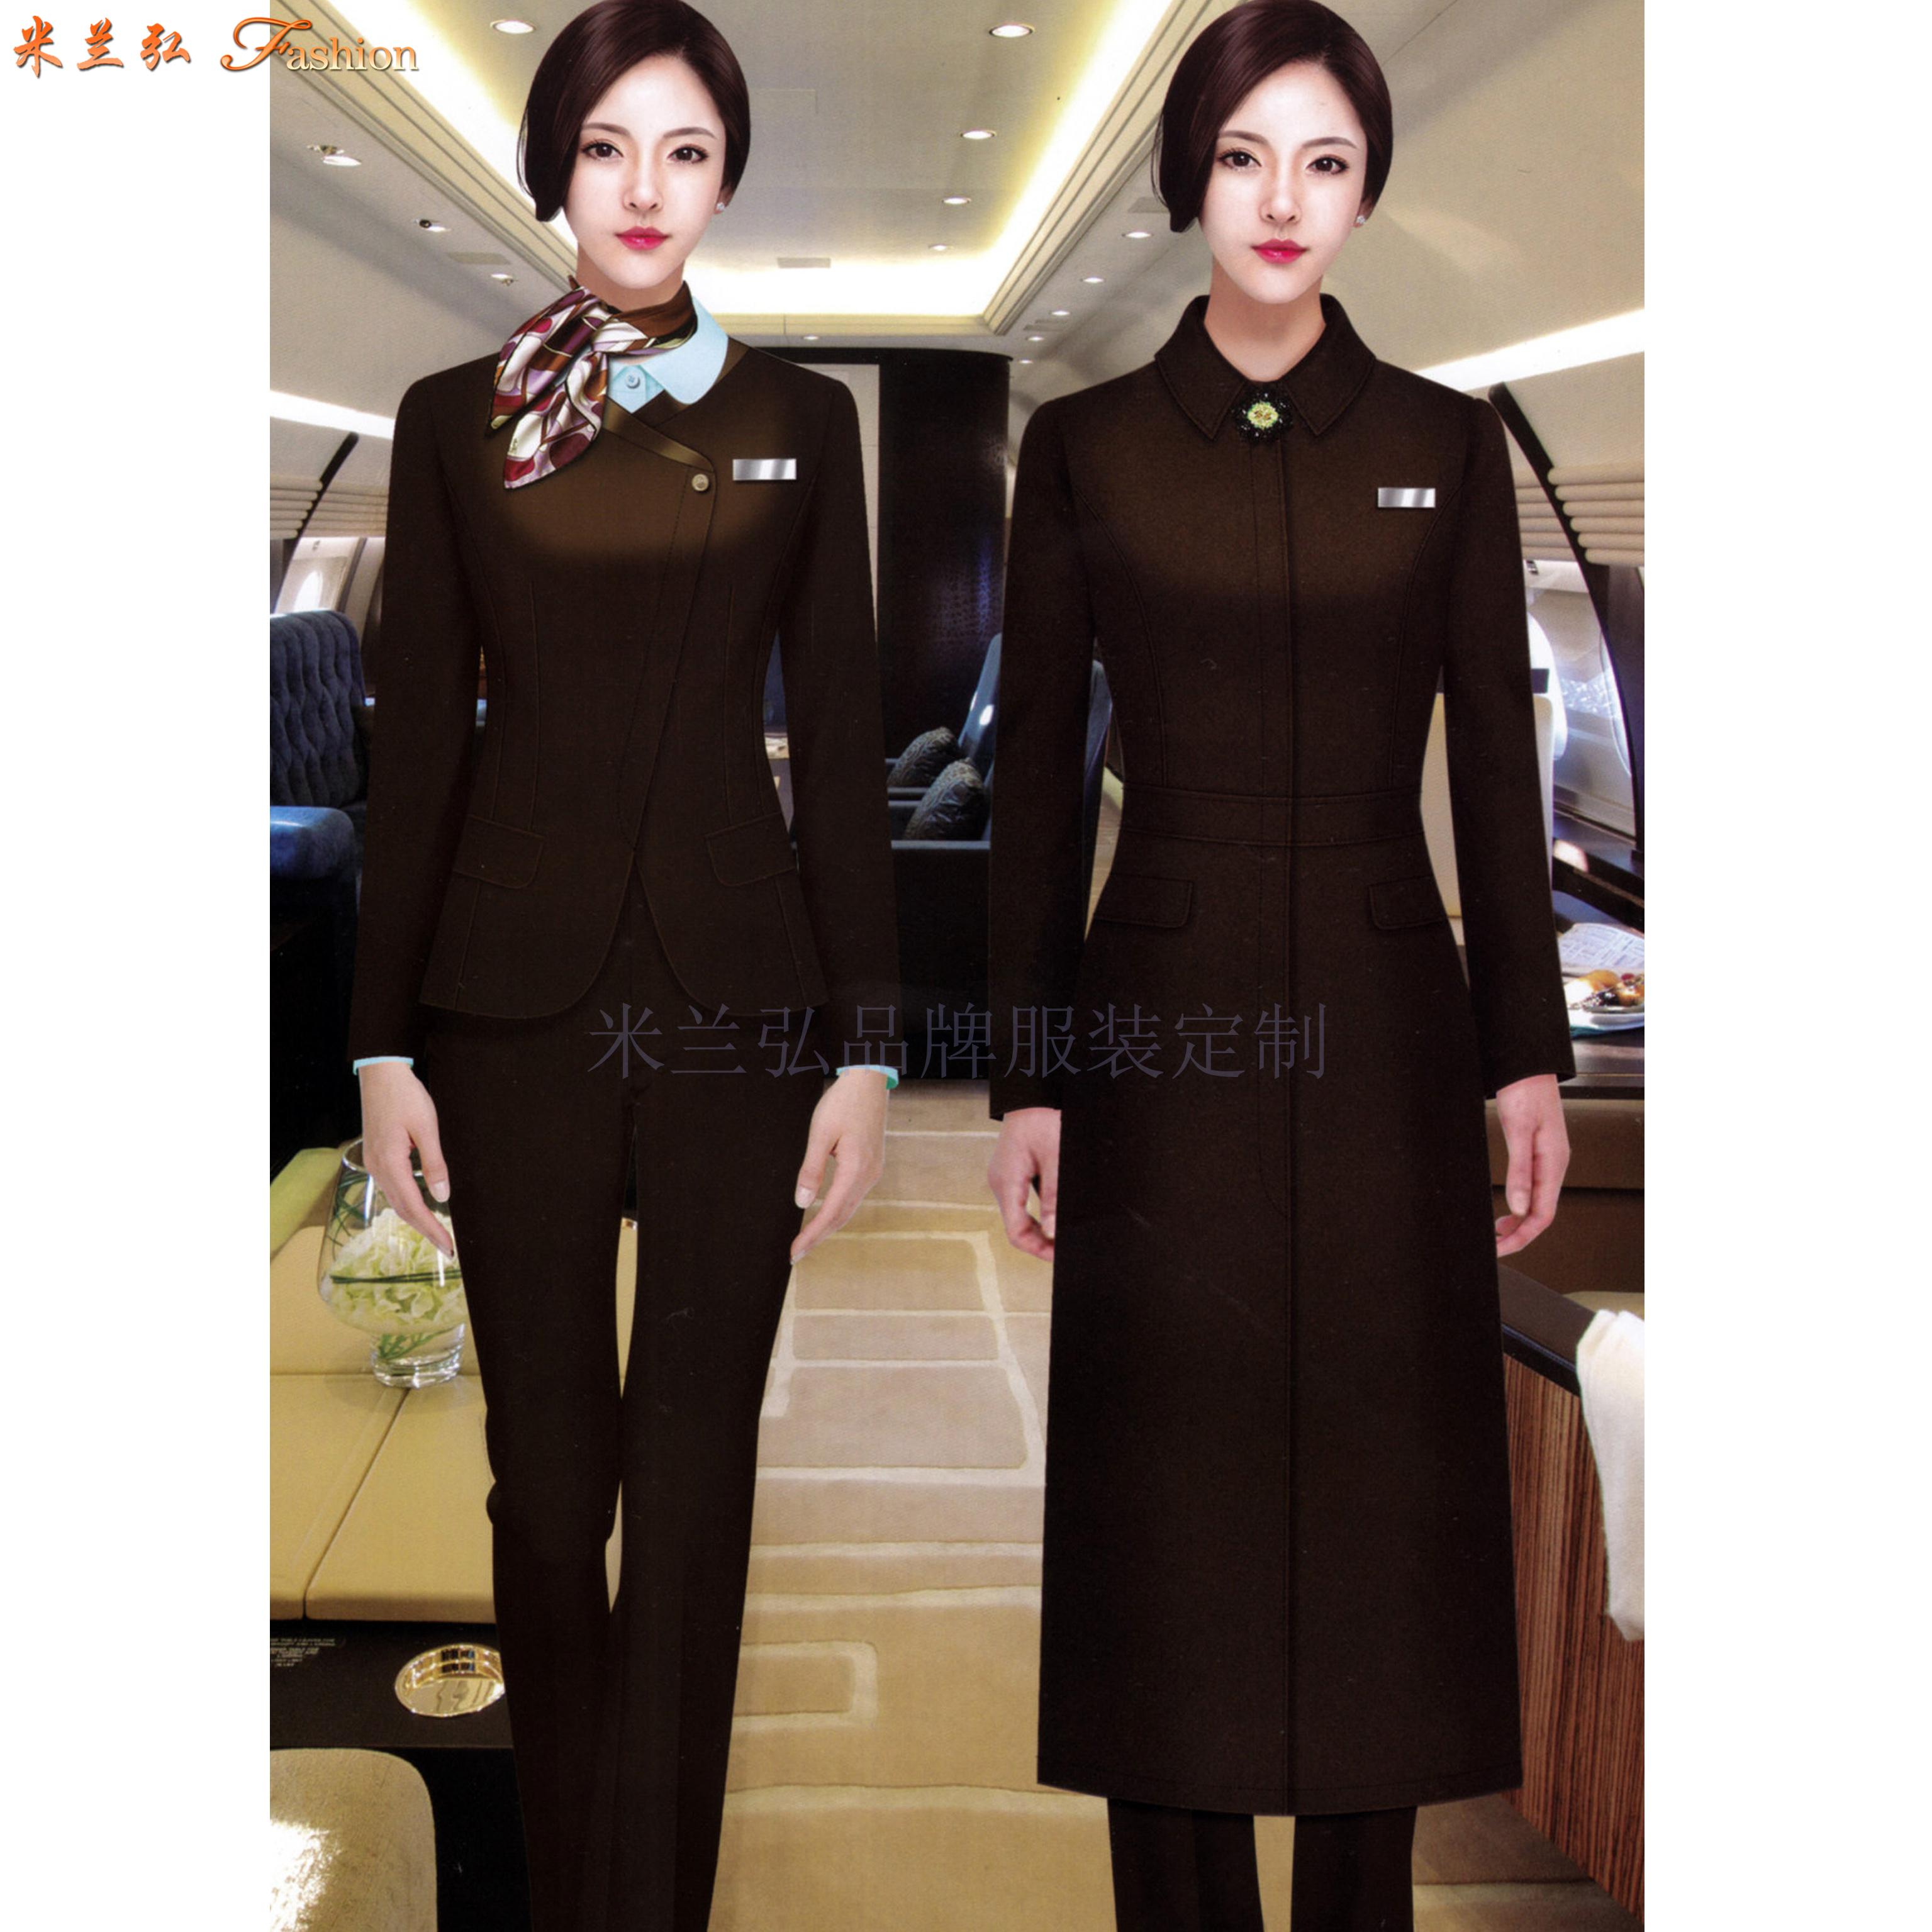 「航空大衣」量身定制各大航空公司的冬季大衣-米蘭弘服裝-4